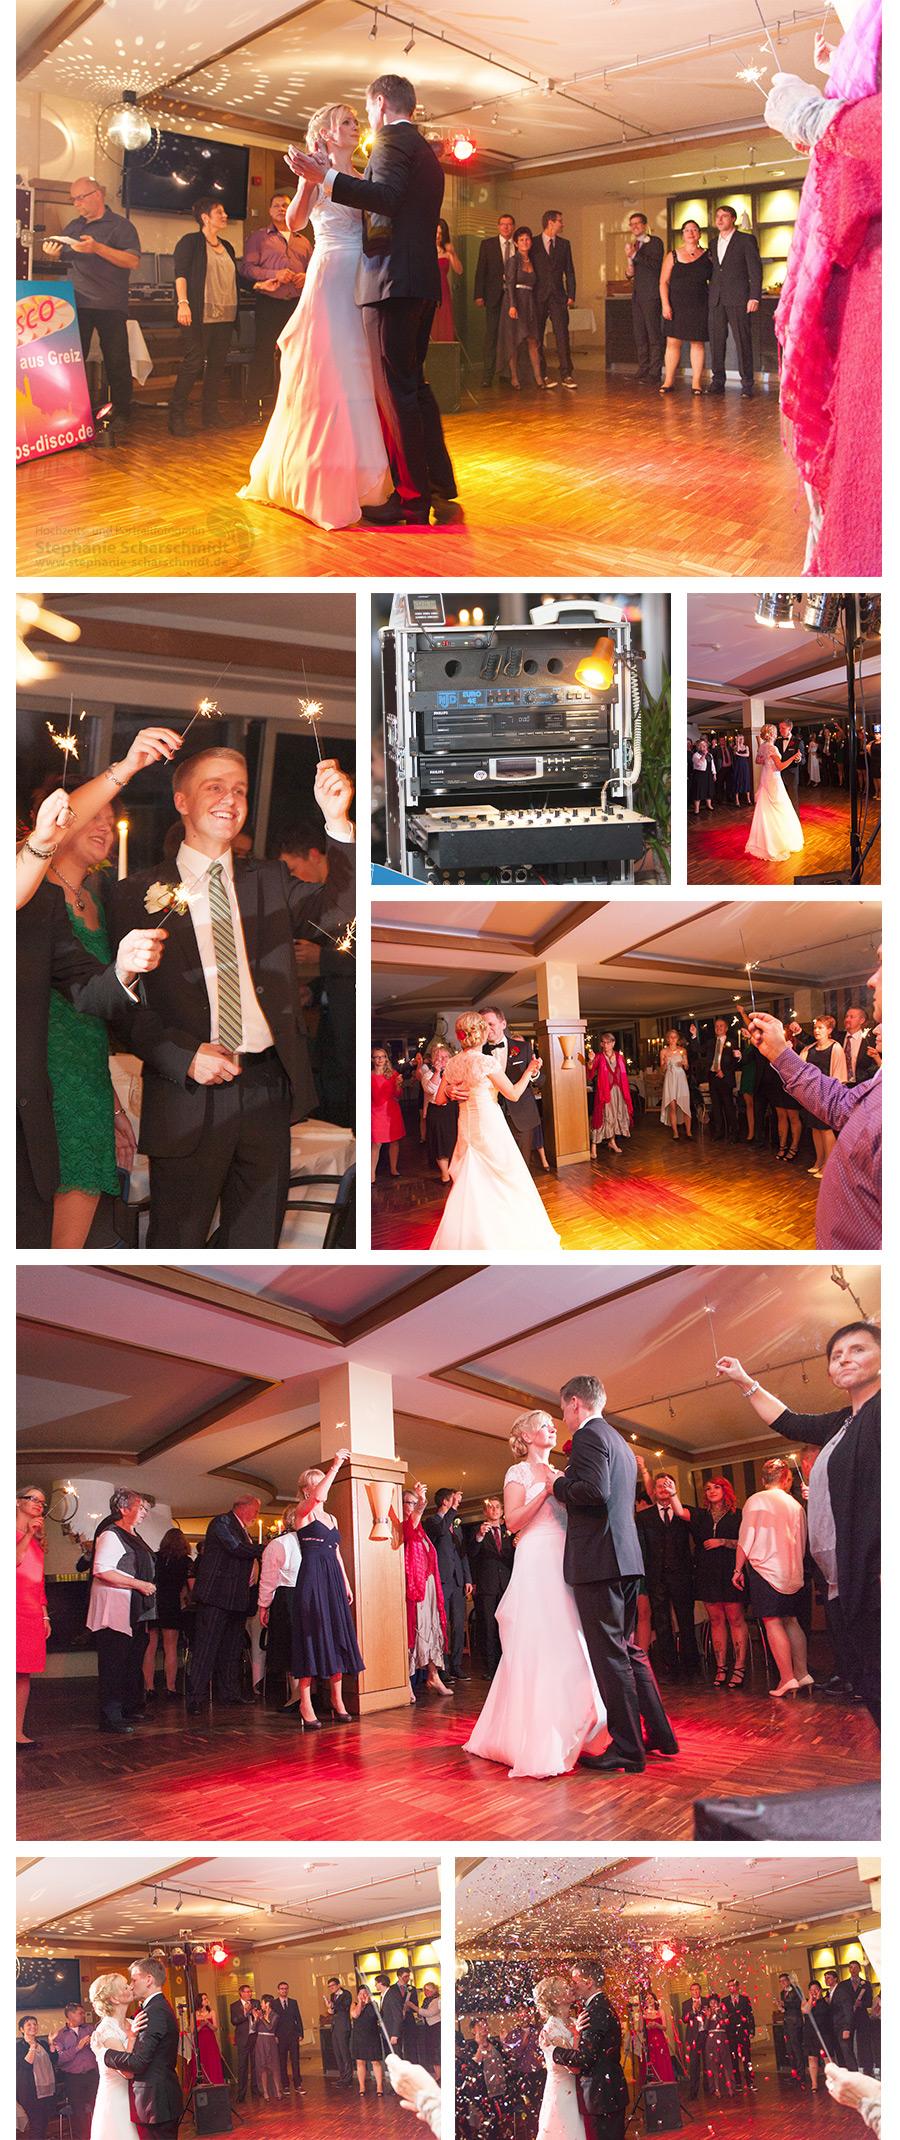 10. Hochzeitstanz im Bio Seehotel Zeulenroda- Hochzeitsfotograf Bio-Seehotel Zeulenroda- Hochzeits- und Portraitfotografin Stephanie Scharschmidt - Hochzeitsfotograf Bio-Seehotel Zeulenroda –